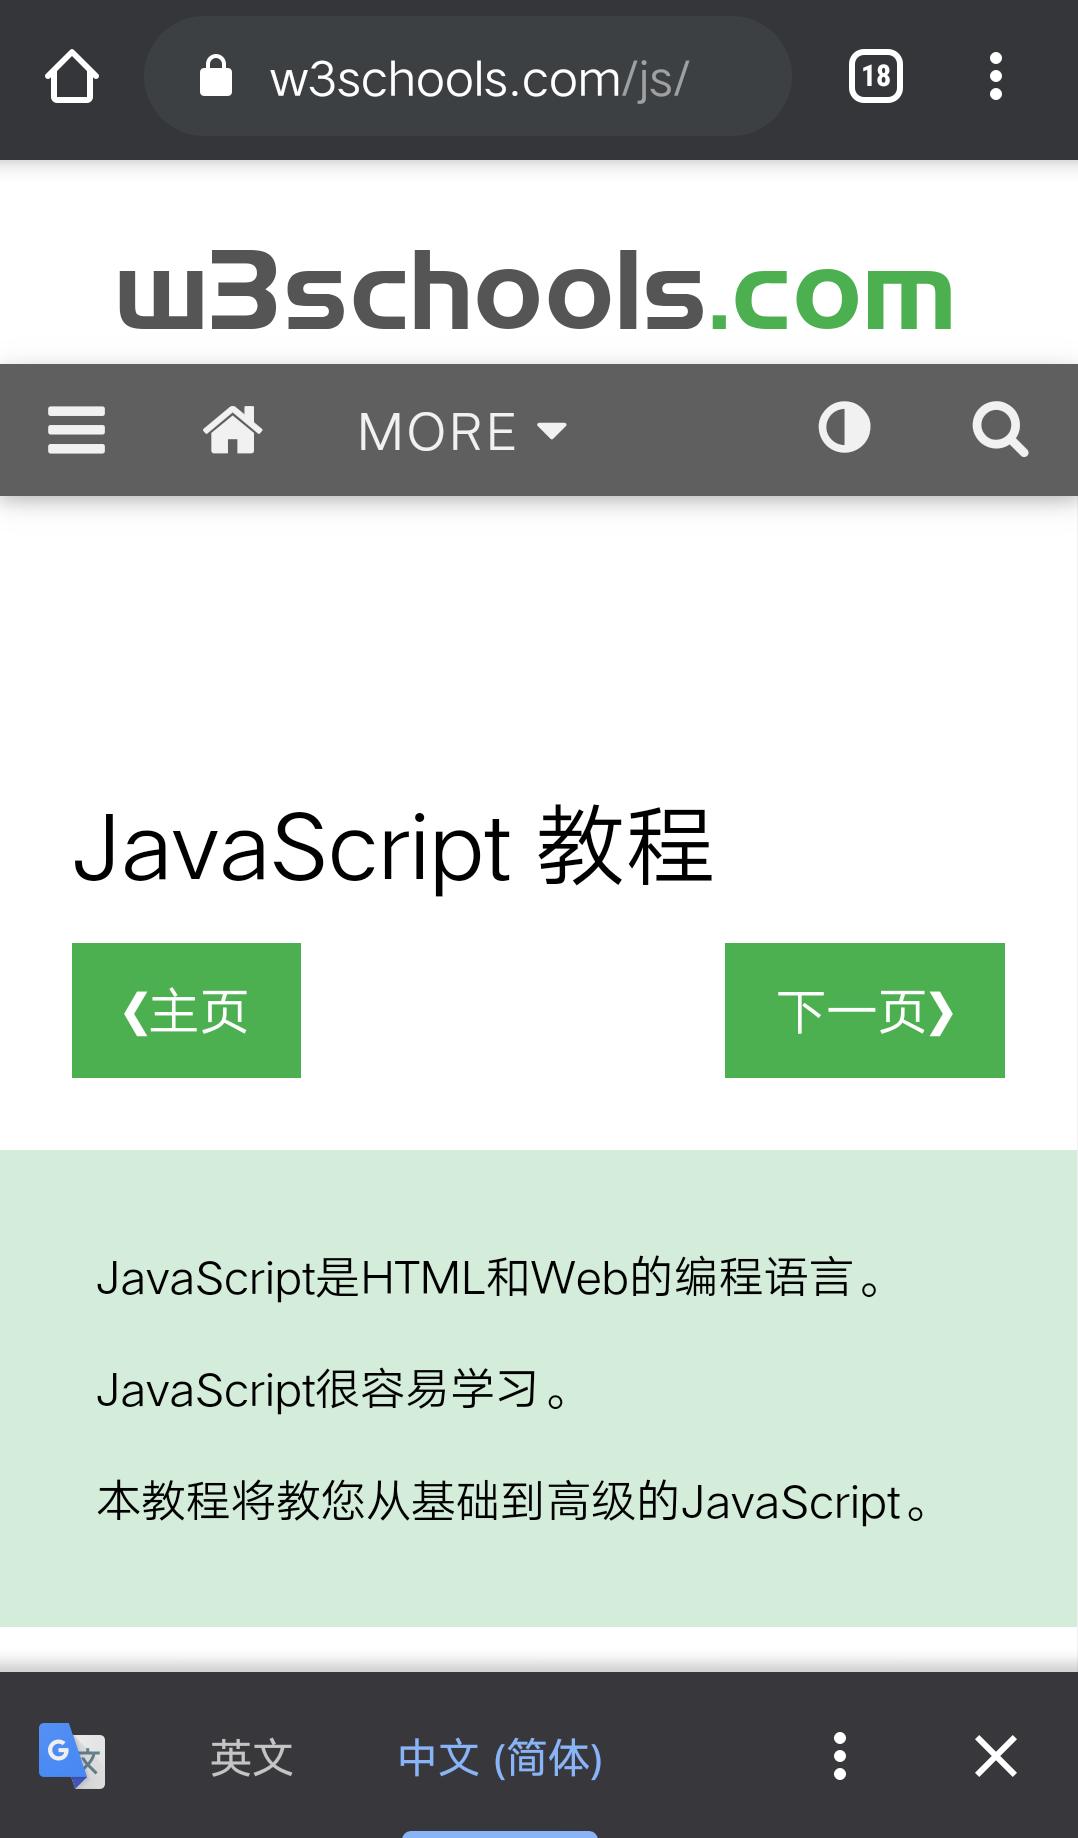 Google 翻译功能